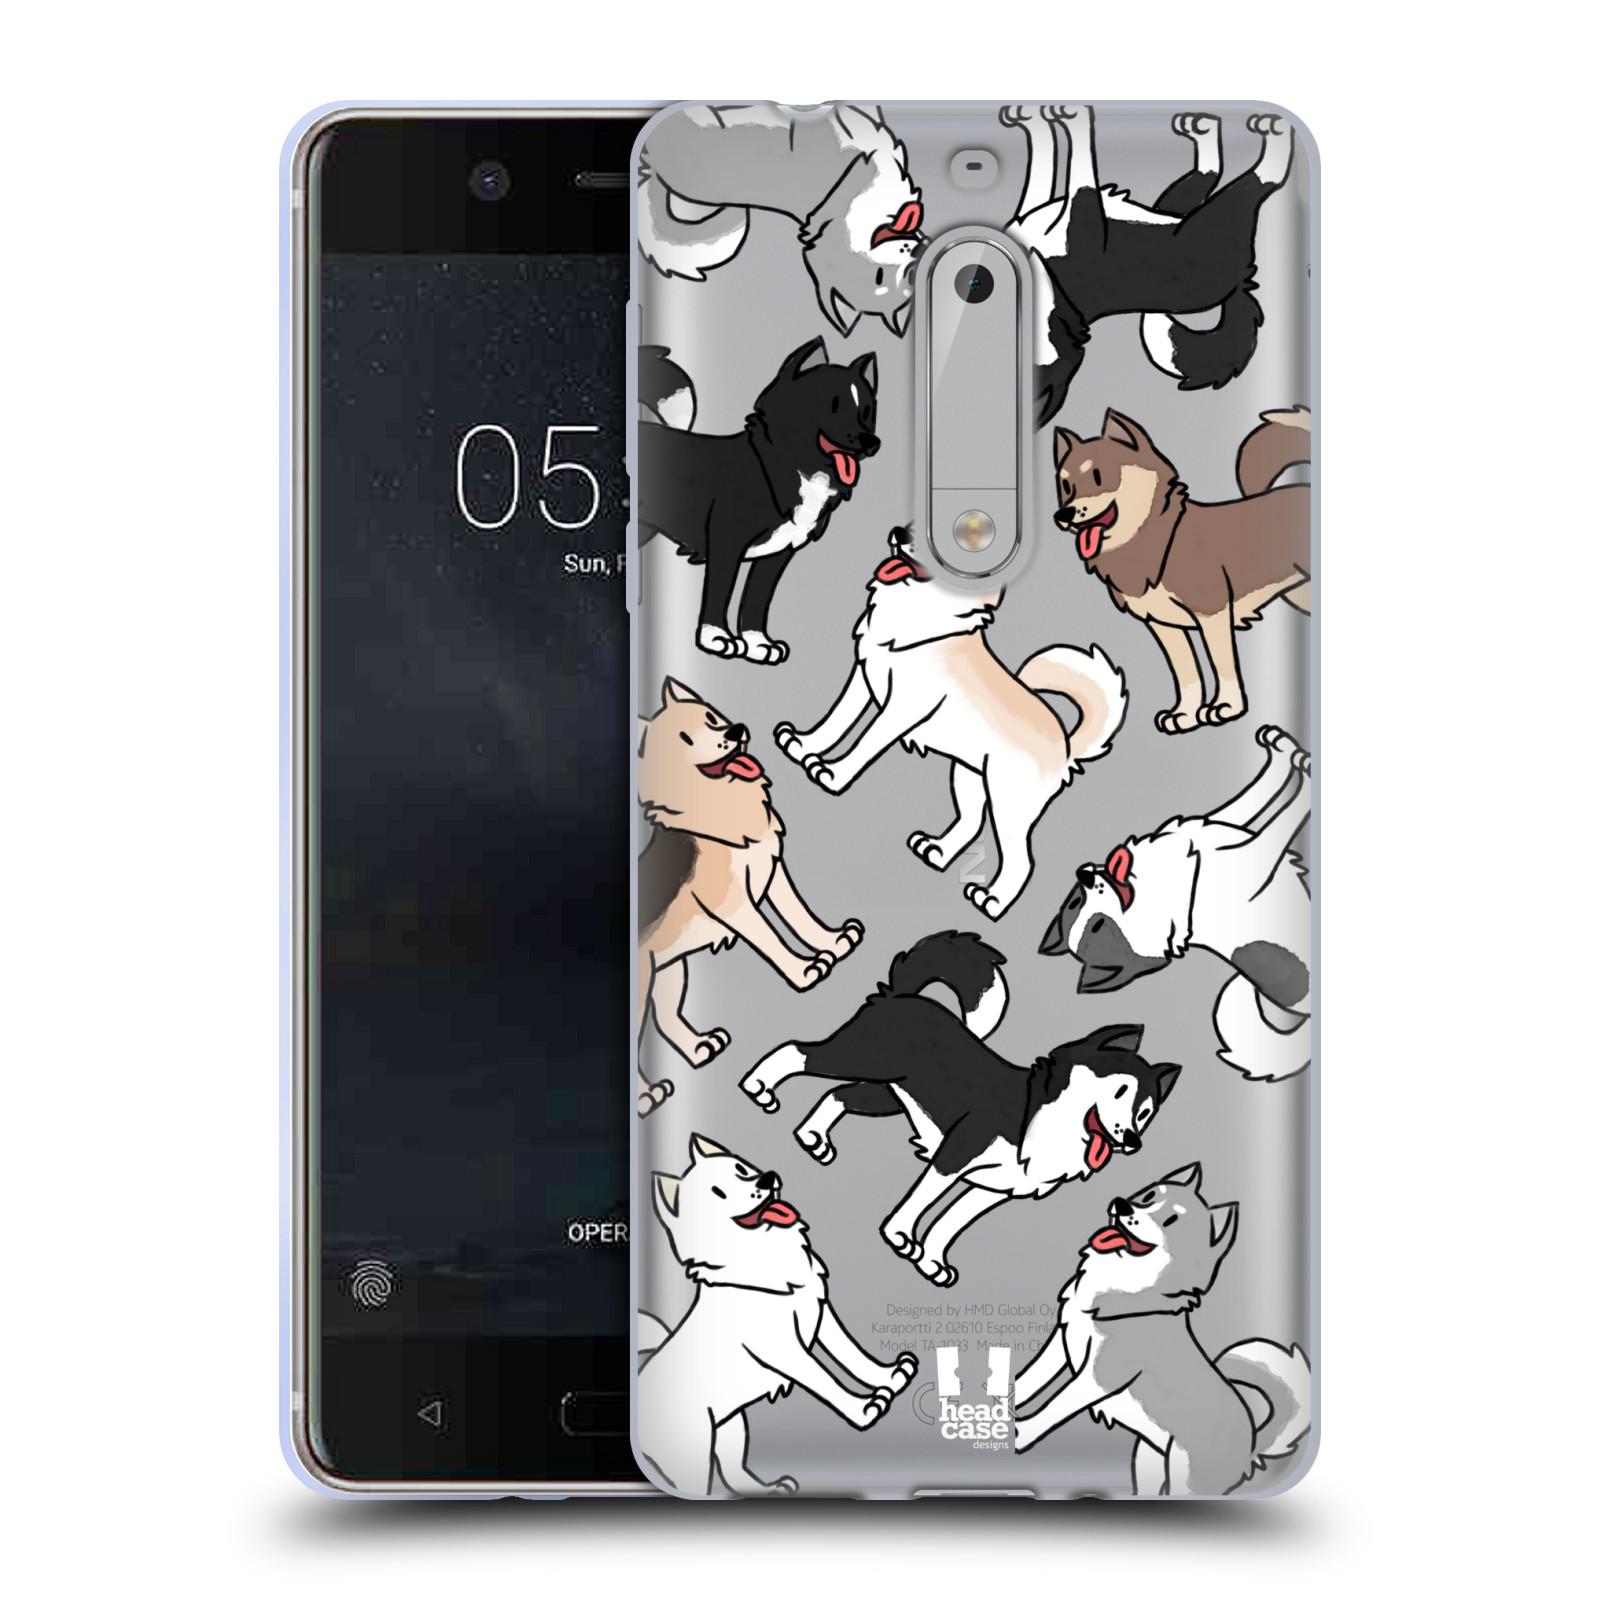 HEAD CASE silikonový obal na mobil Nokia 5 pejsek Sibiřský husky